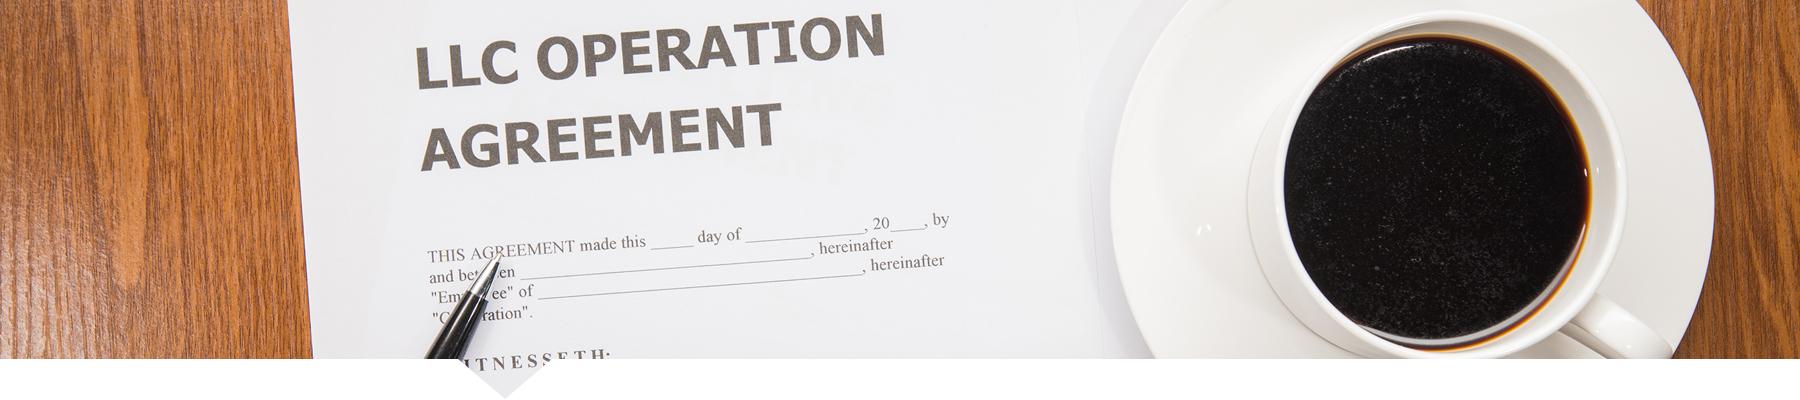 Limited Liability (LLC) Formation